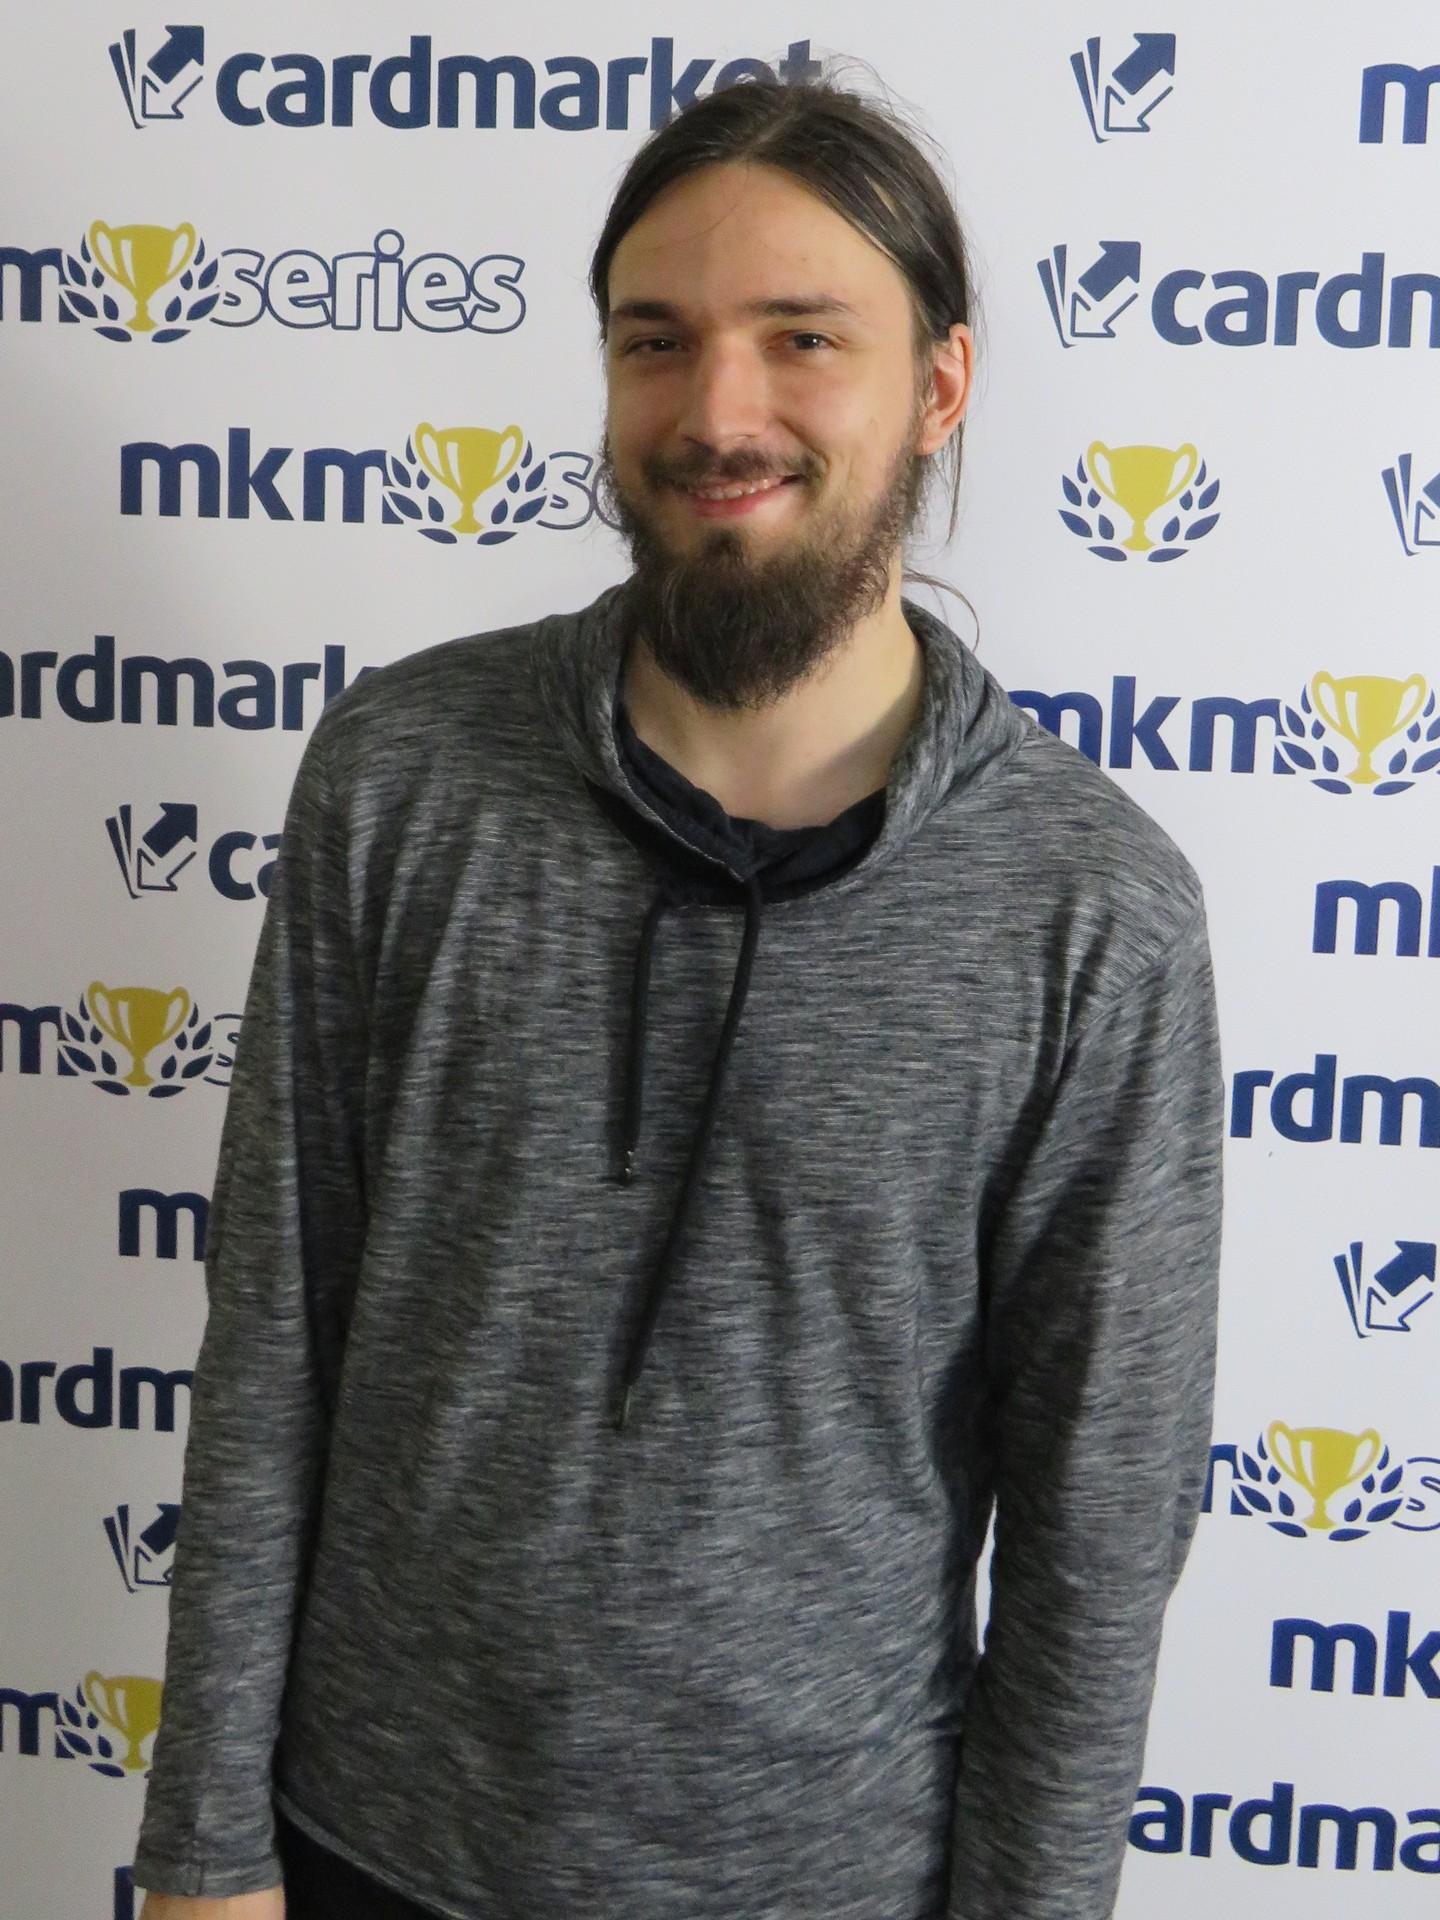 Timo Seegelken